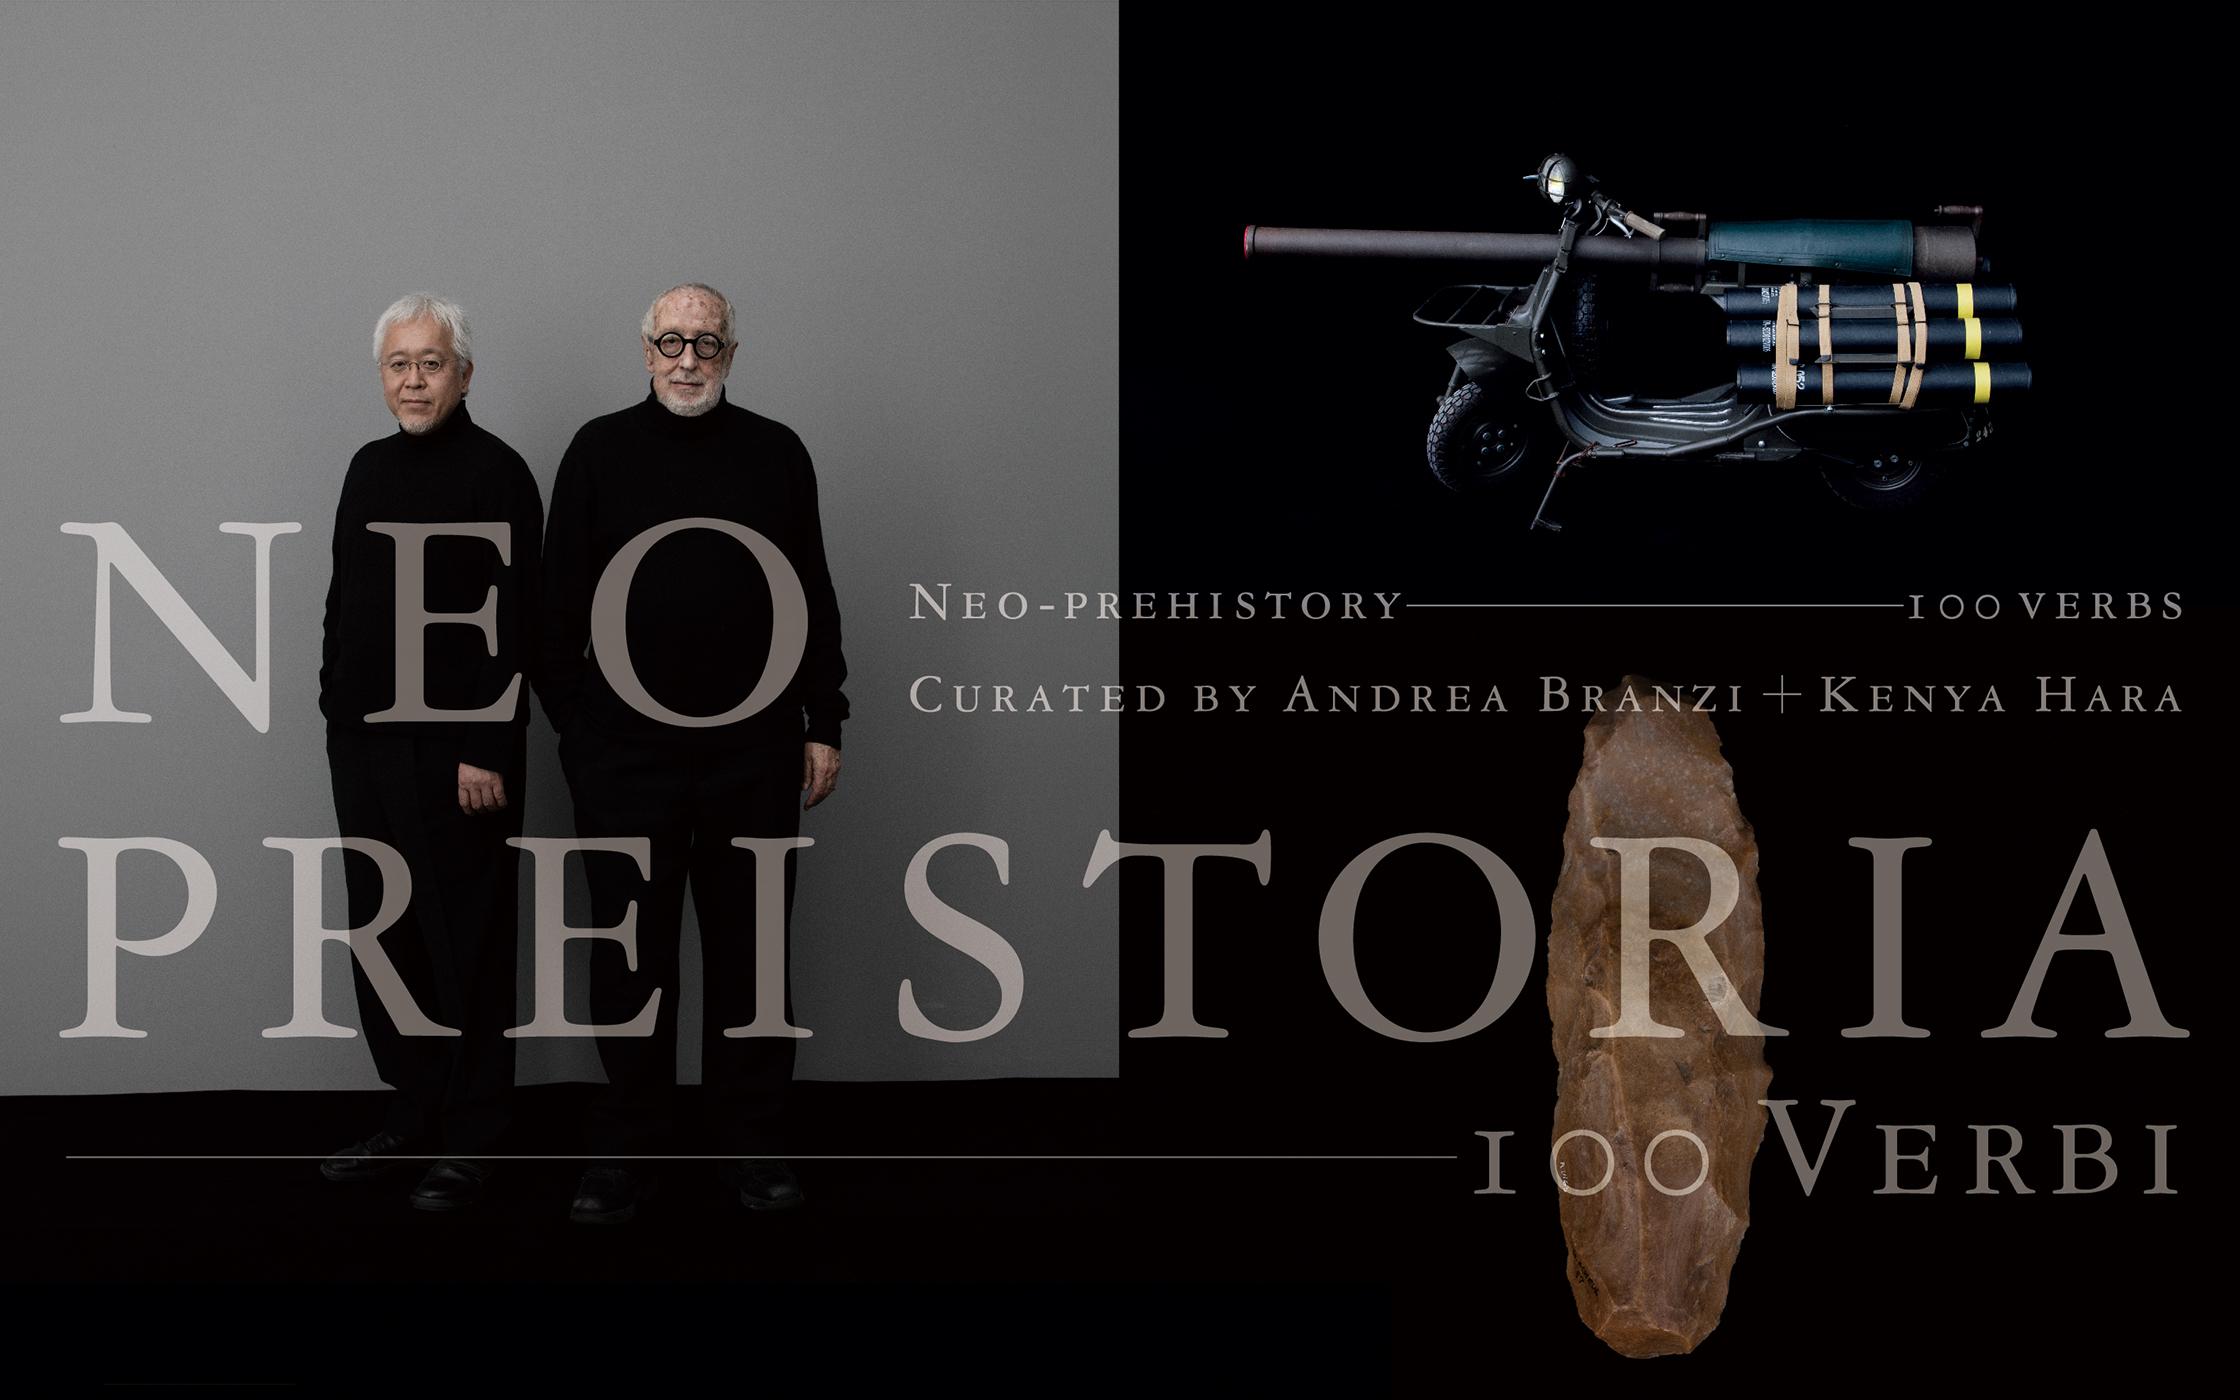 第21回 ミラノ・トリエンナーレ「新・先史時代 100の動詞」展